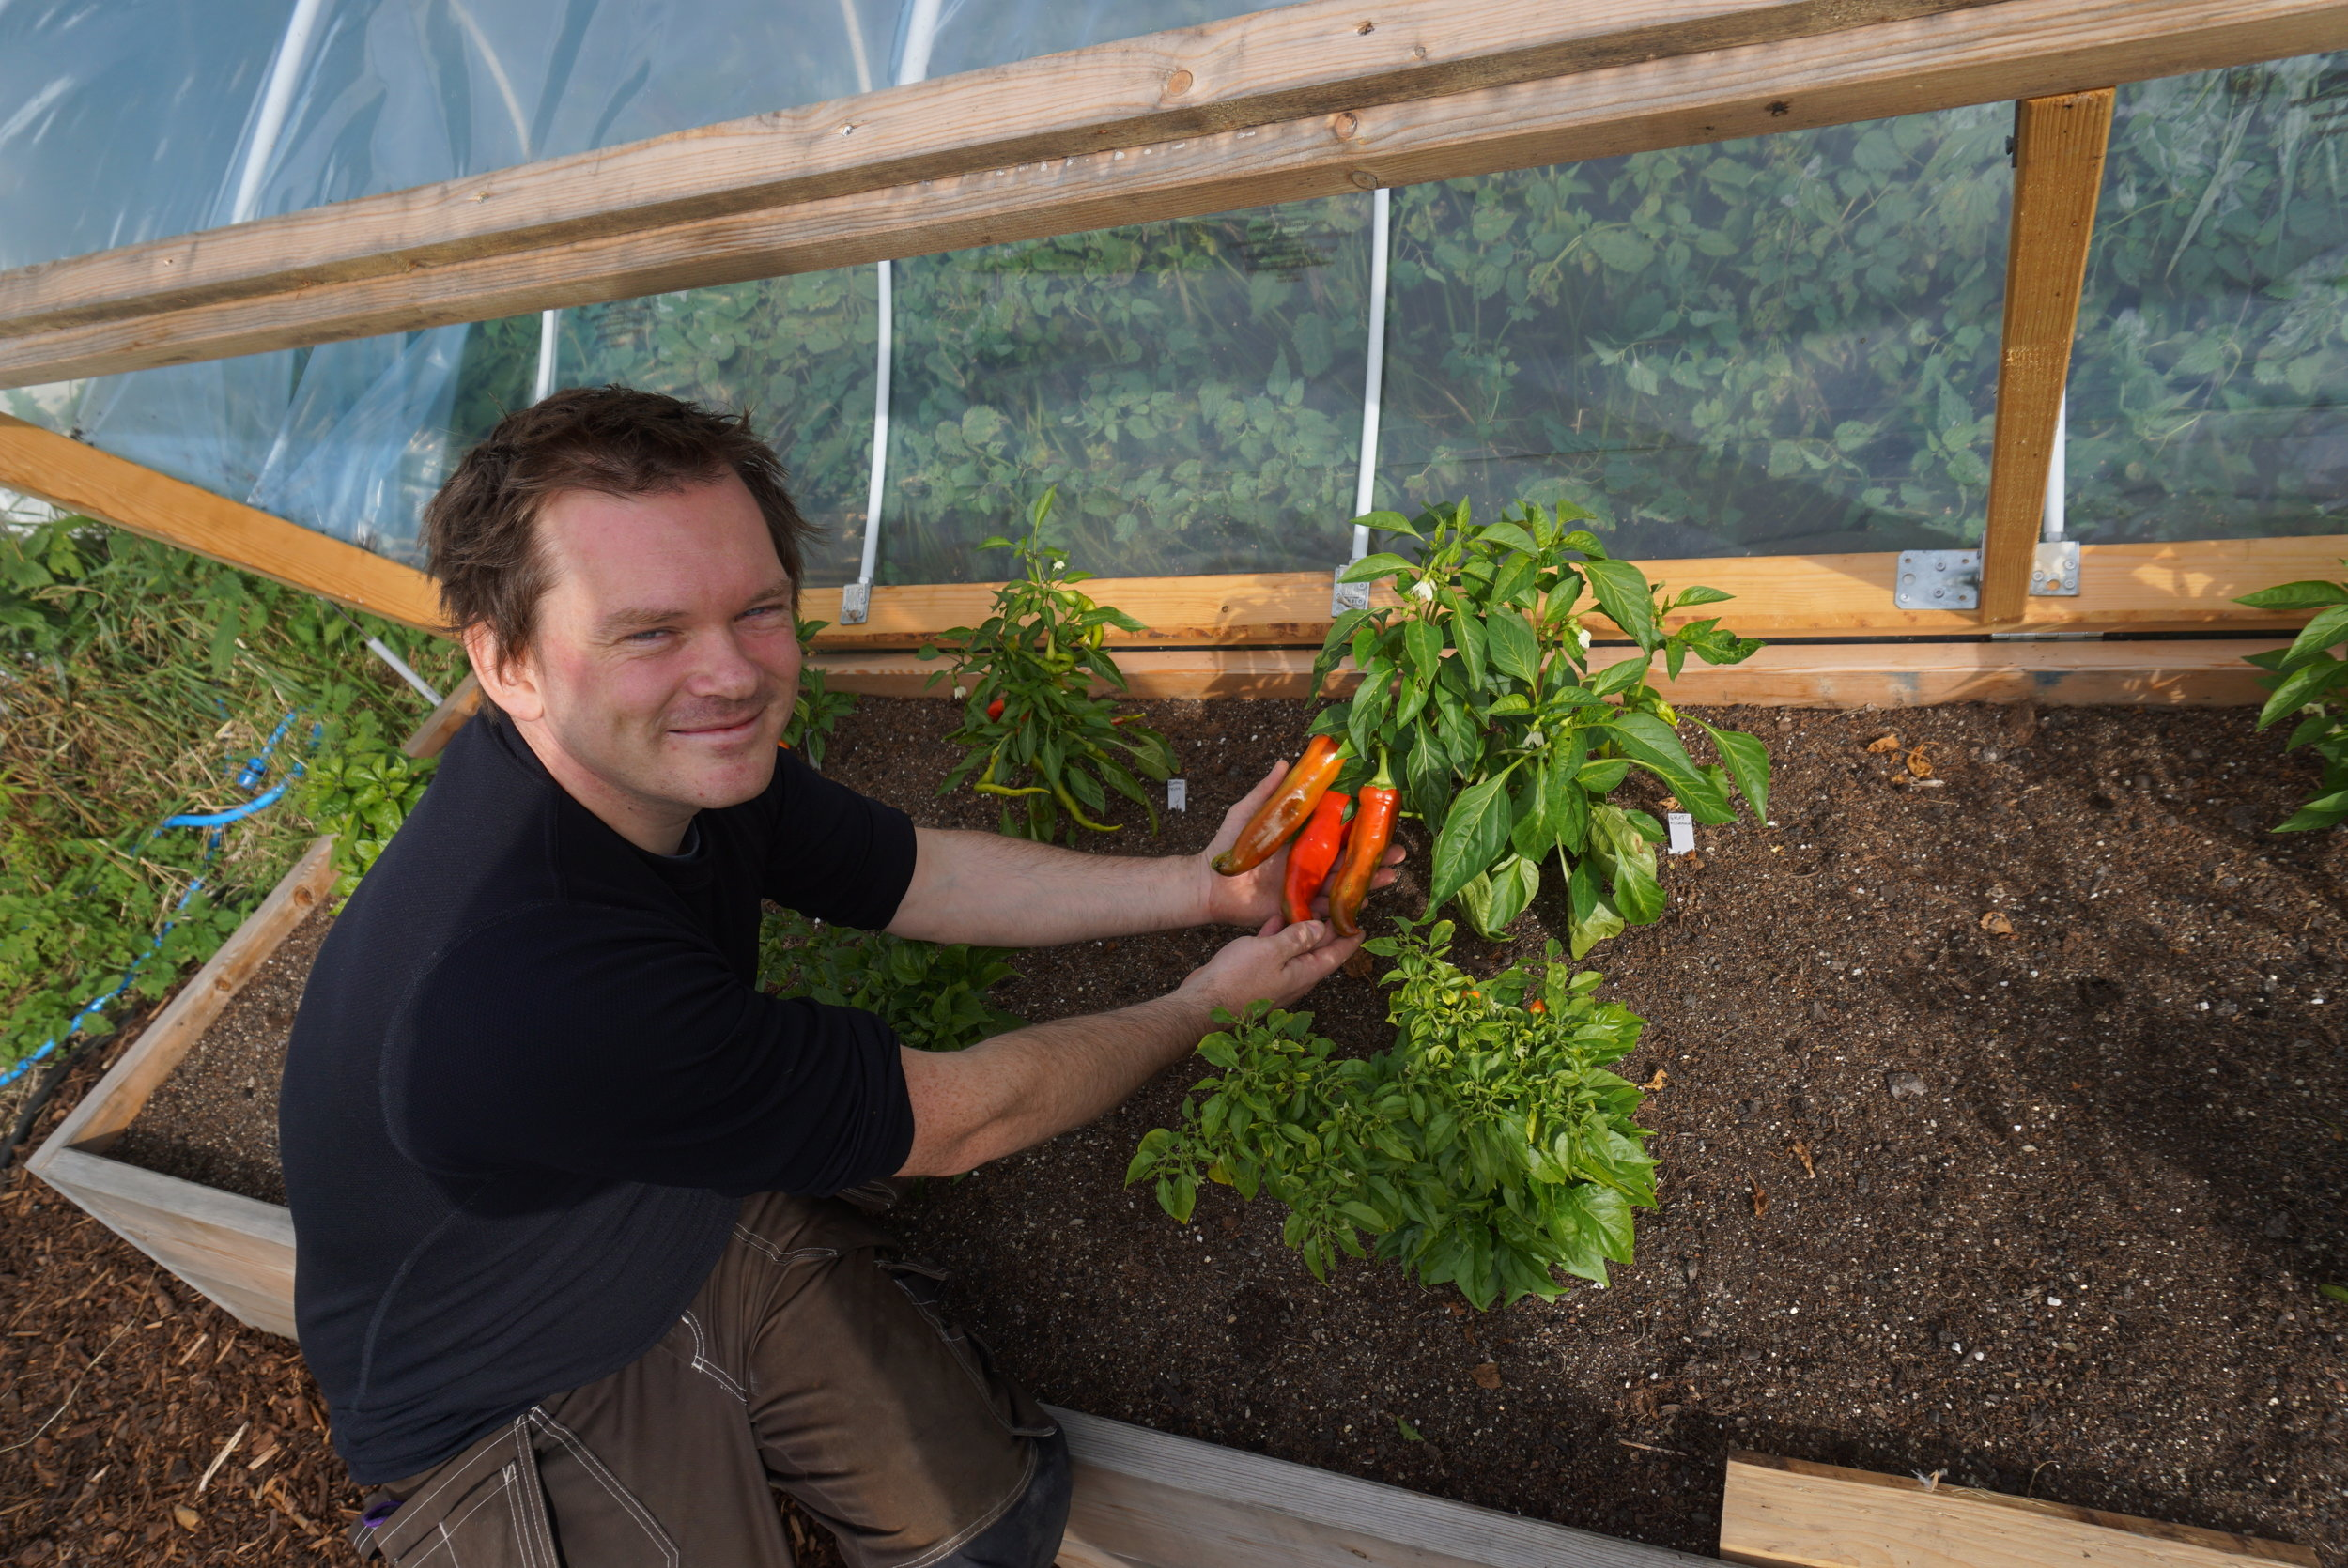 Christopher er lidenskapelig dyrker. Chilli dyrker han hele året innendørs, men i sommerhalvåret dyrkes det i veksthus, langs husvegger og ikke minst under bøylesolfangeren.